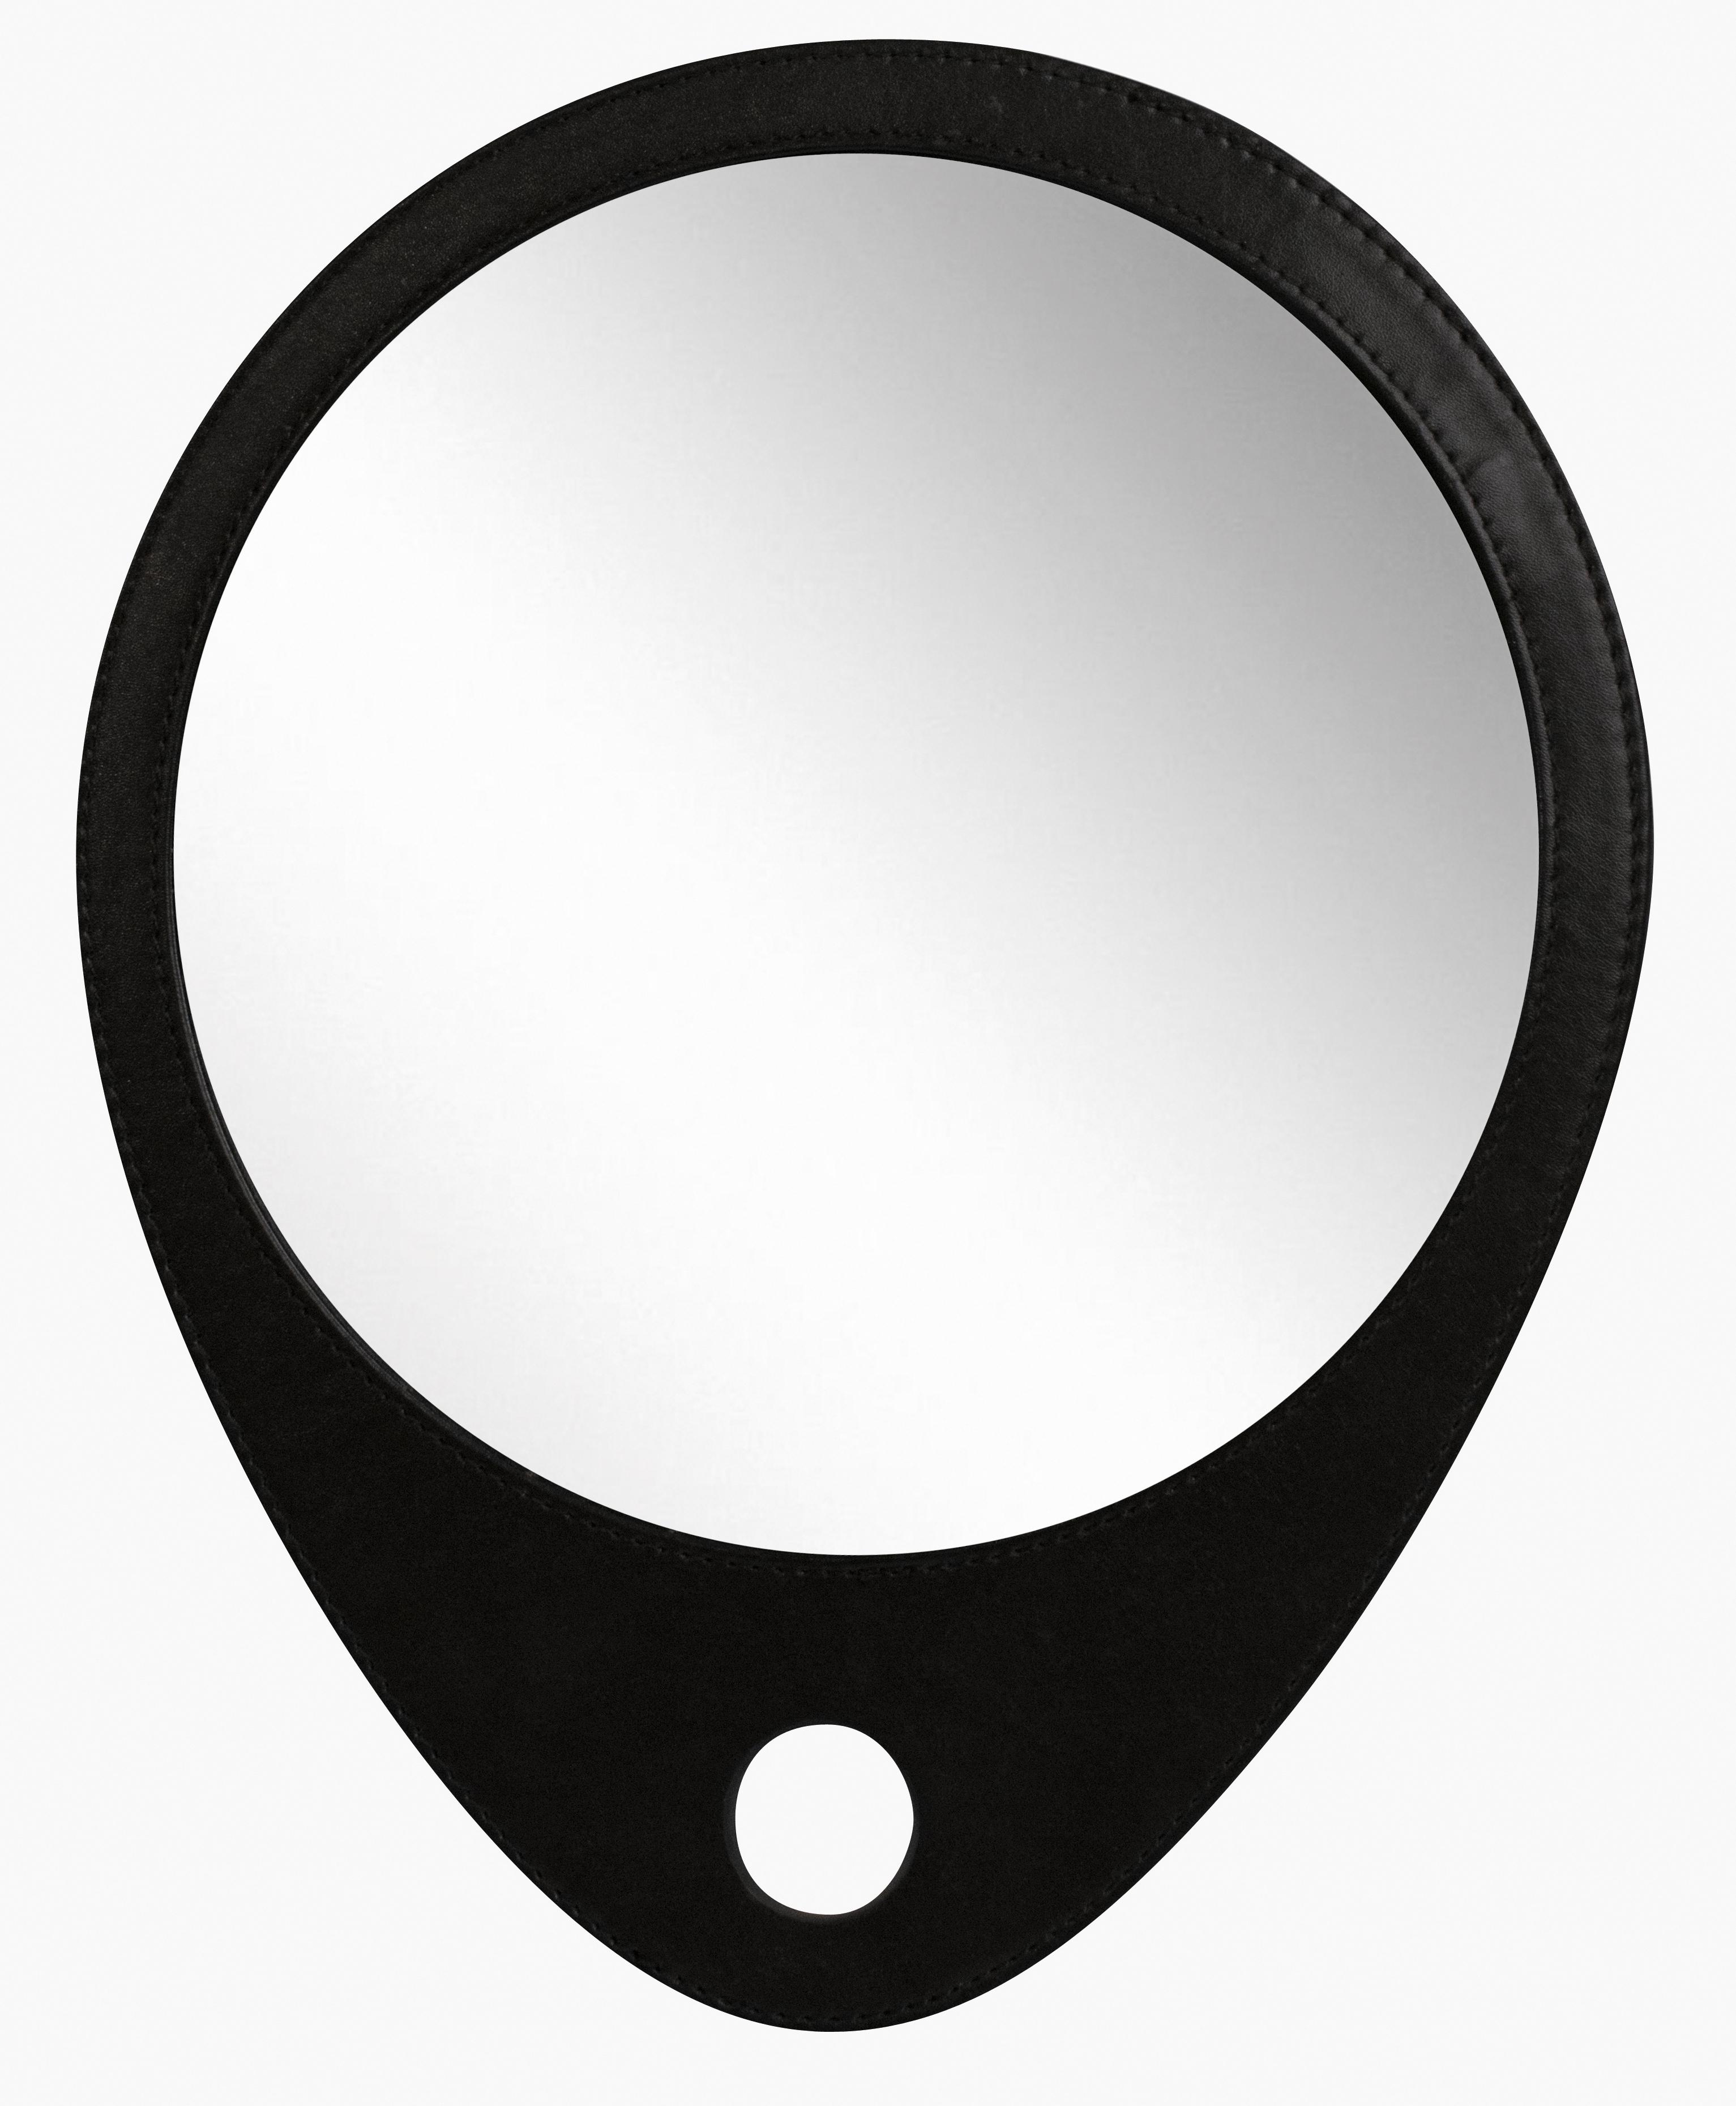 DEWAL PROFESSIONAL Зеркало заднего вида Barber Style, в черной оправе 30,5х25 см